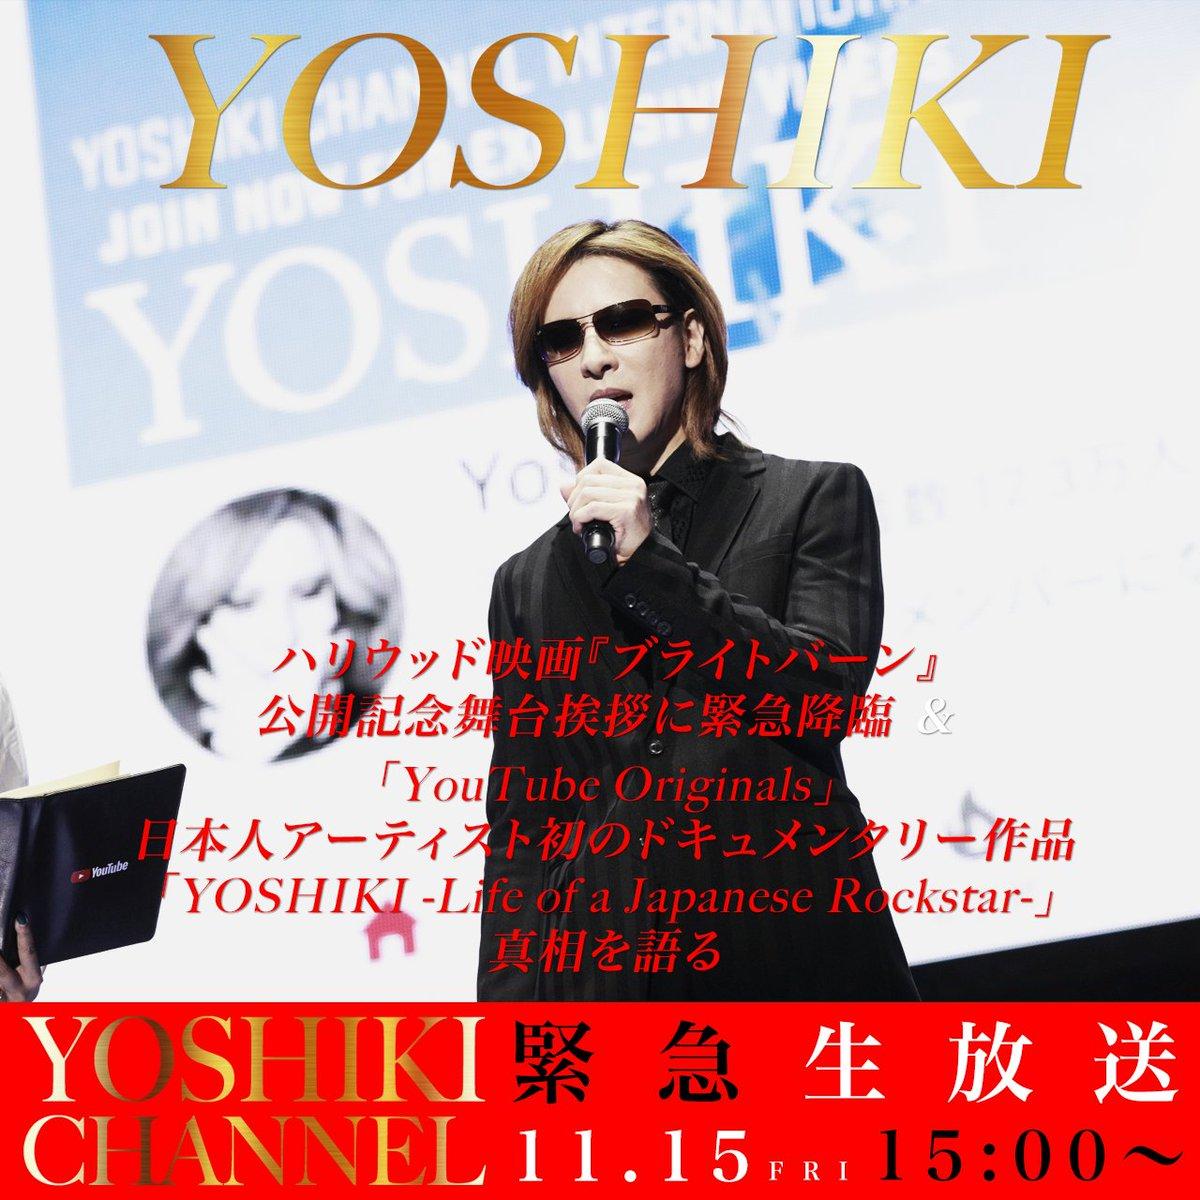 【明日11月15日(金)15時~生放送決定】#YOSHIKI #ハリウッド映画『#ブライトバーン』公開記念舞台挨拶に緊急降臨&「#YouTubeOriginals」日本人初のドキュメンタリー作品「#YOSHIKI -Life of a Japanese Rockstar-」真相を語る @BrightburnJP @YoshikiOfficial